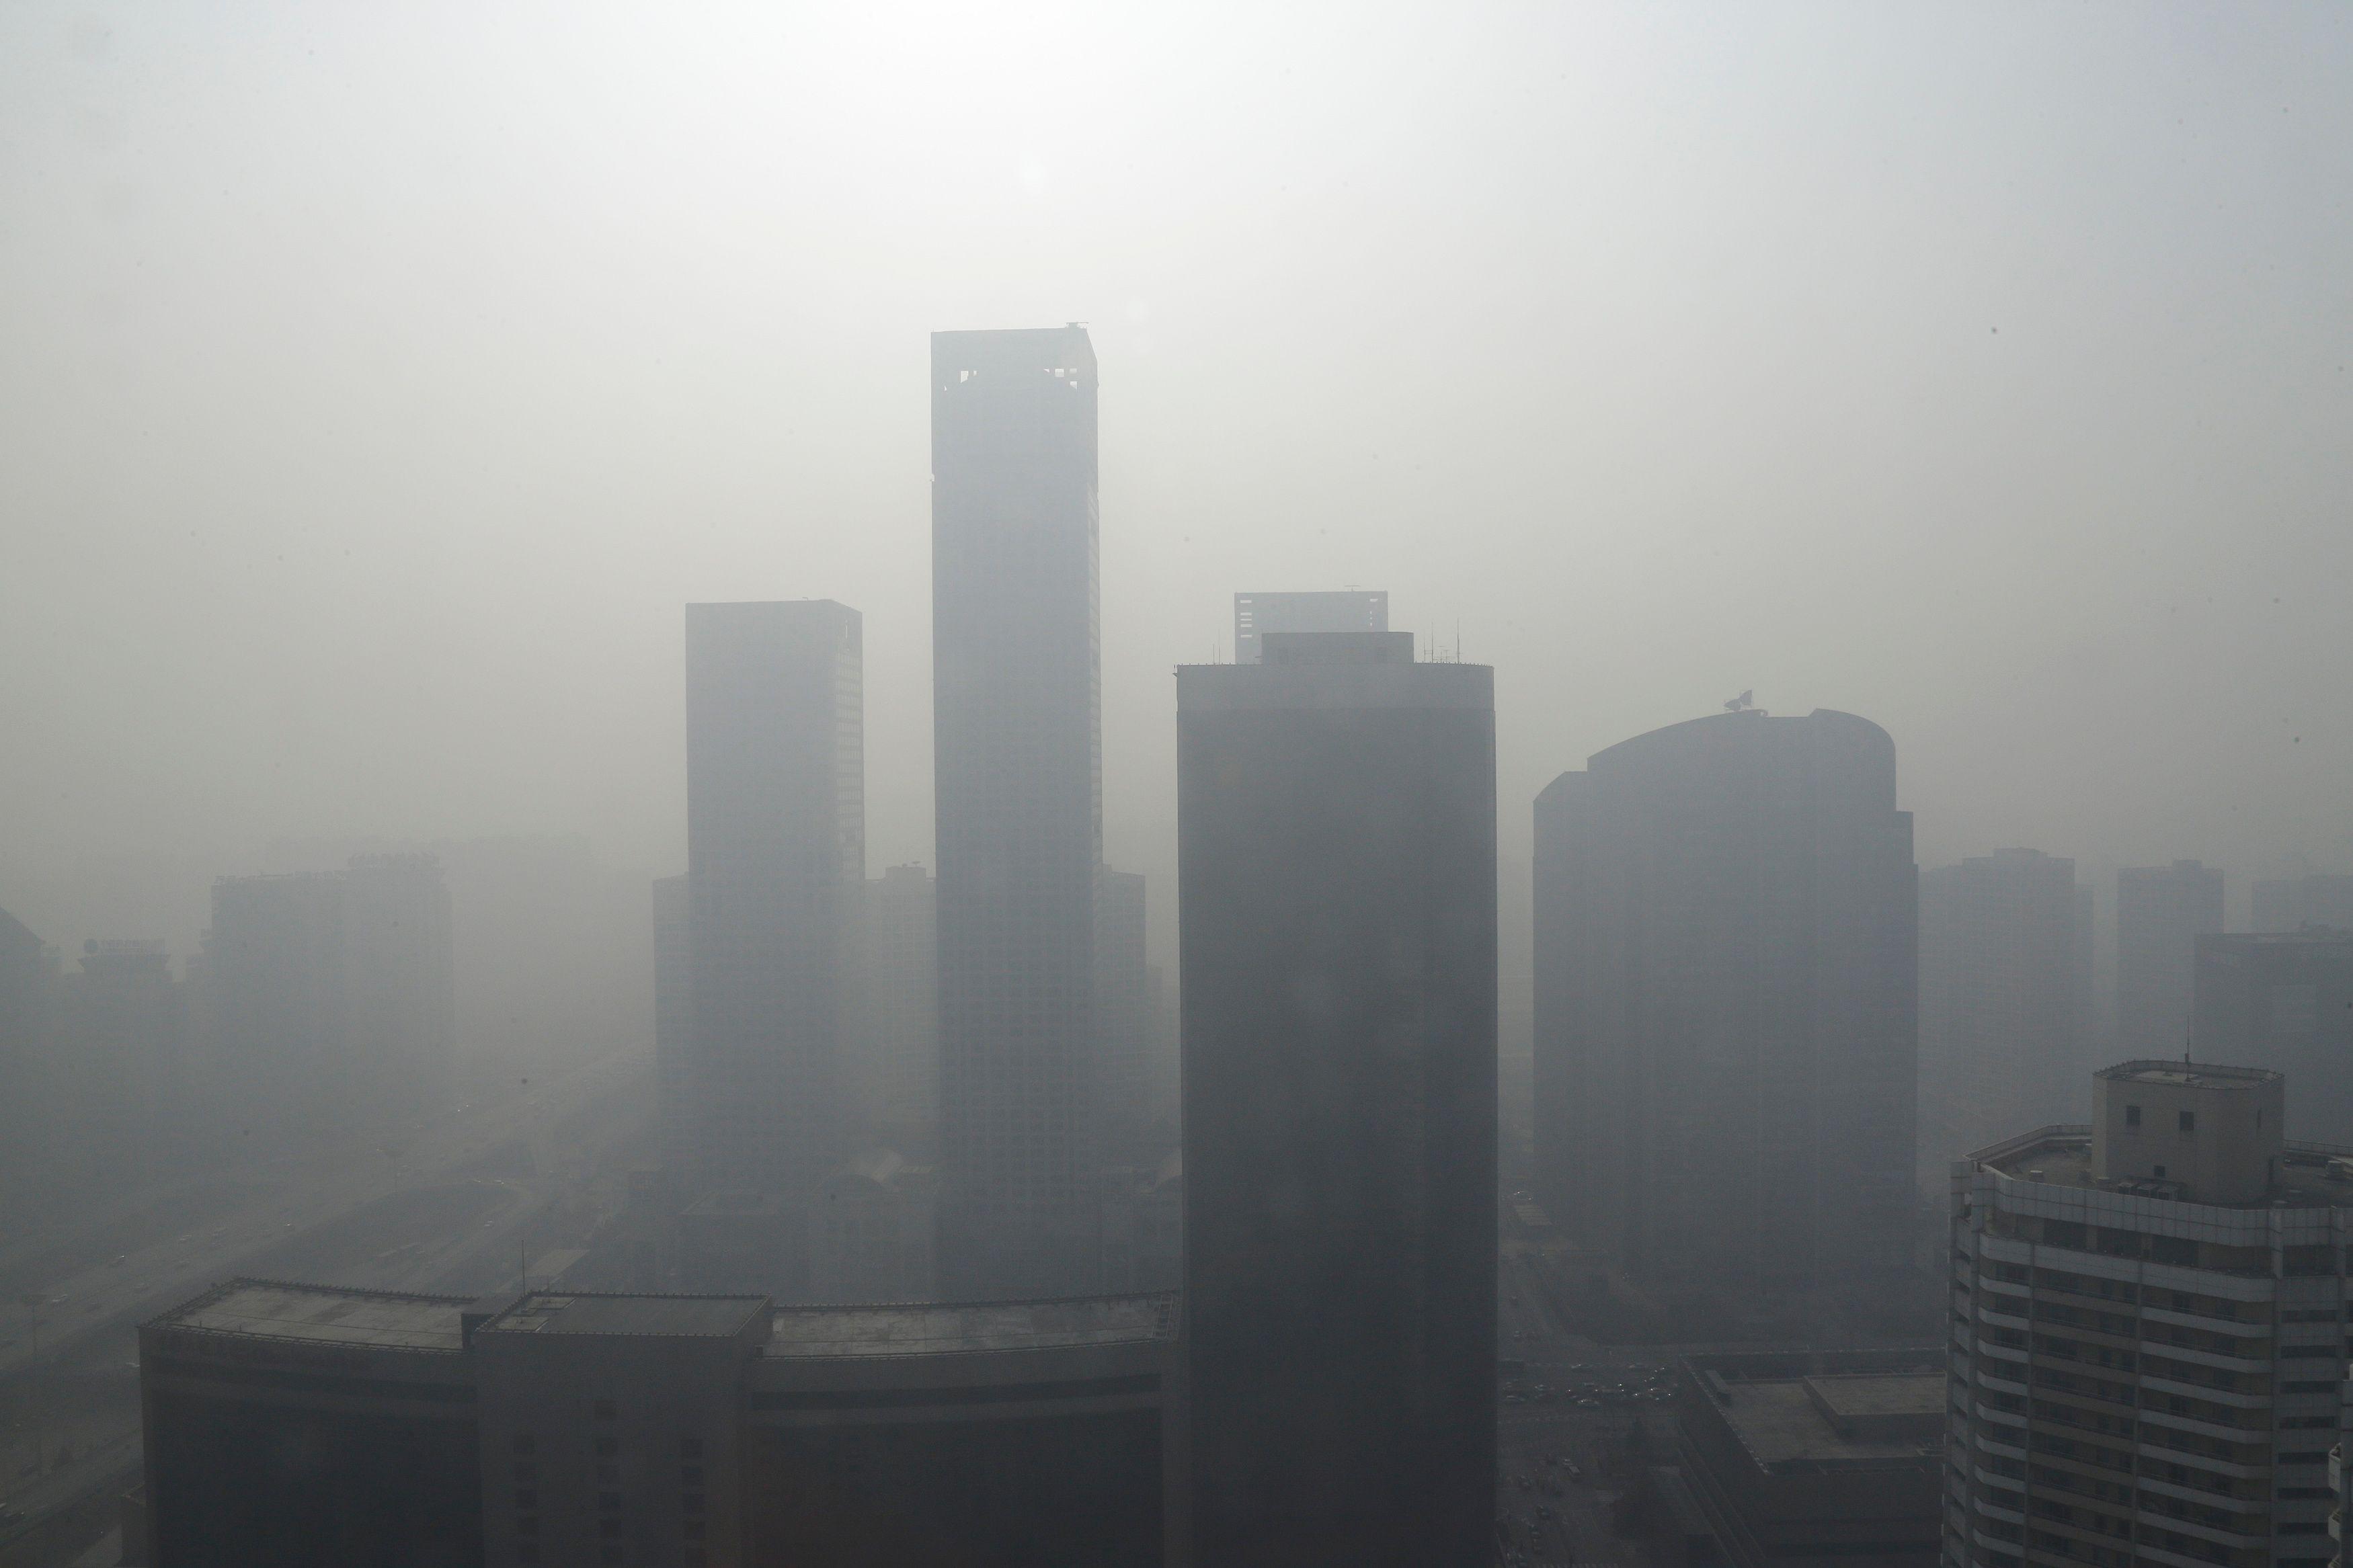 Pékin est recouvert d'un brouillard de pollution depuis plusieurs jours.